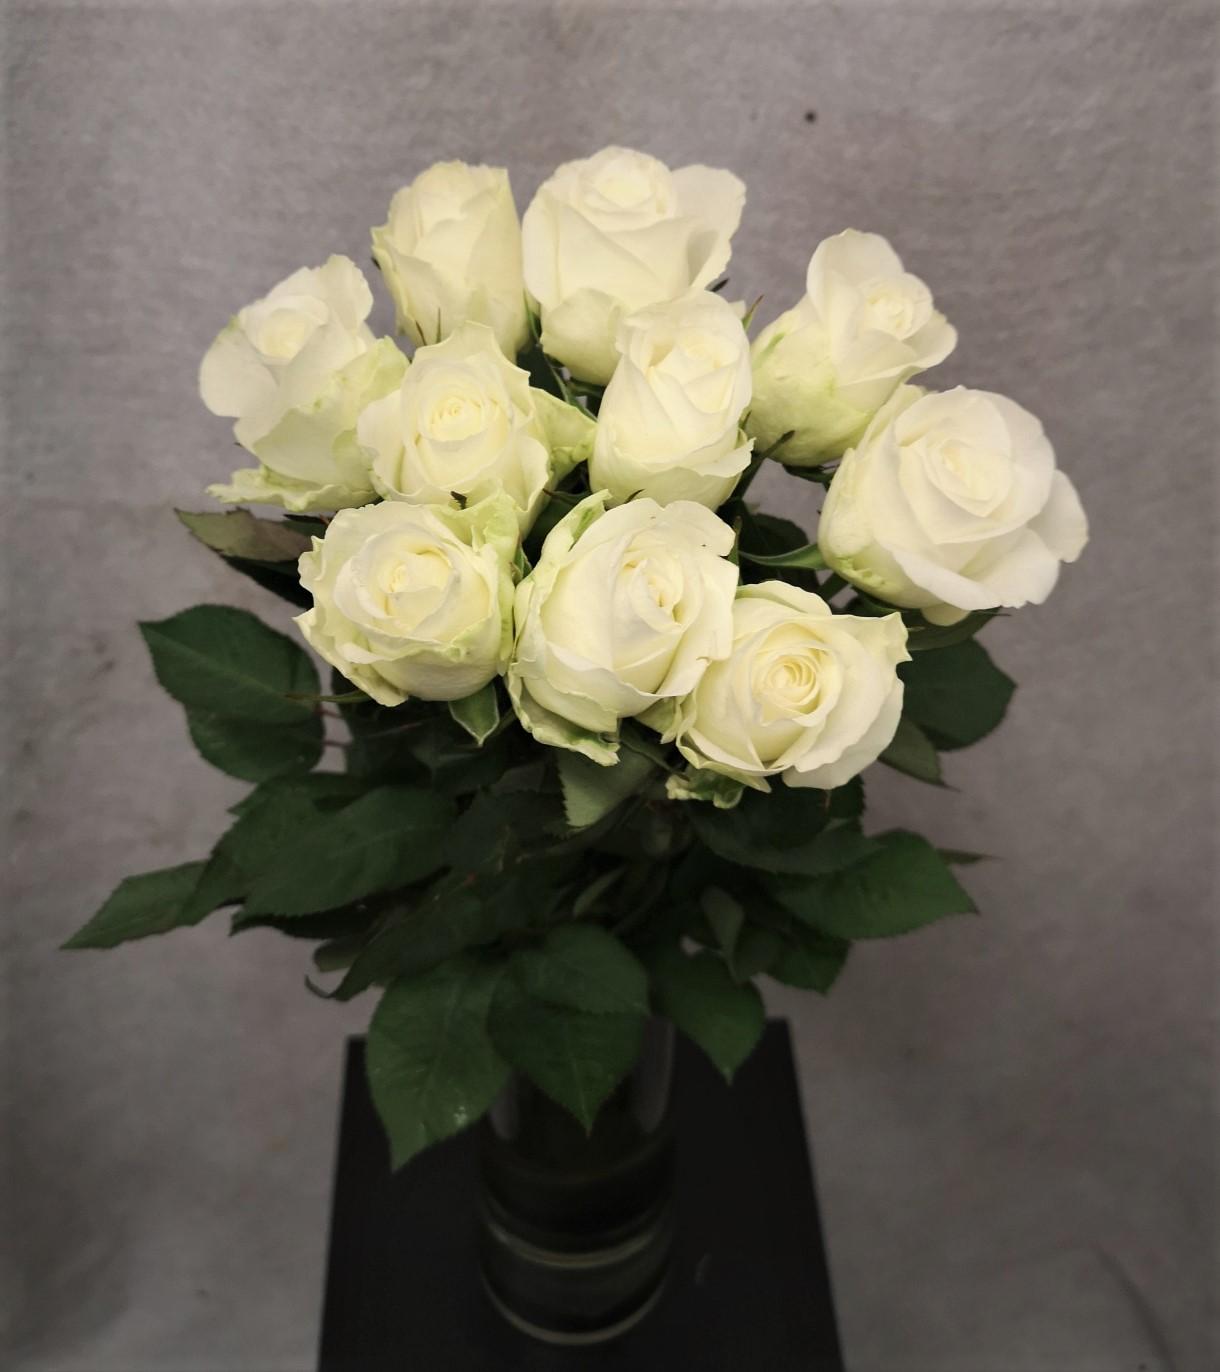 Bukett hvite roser